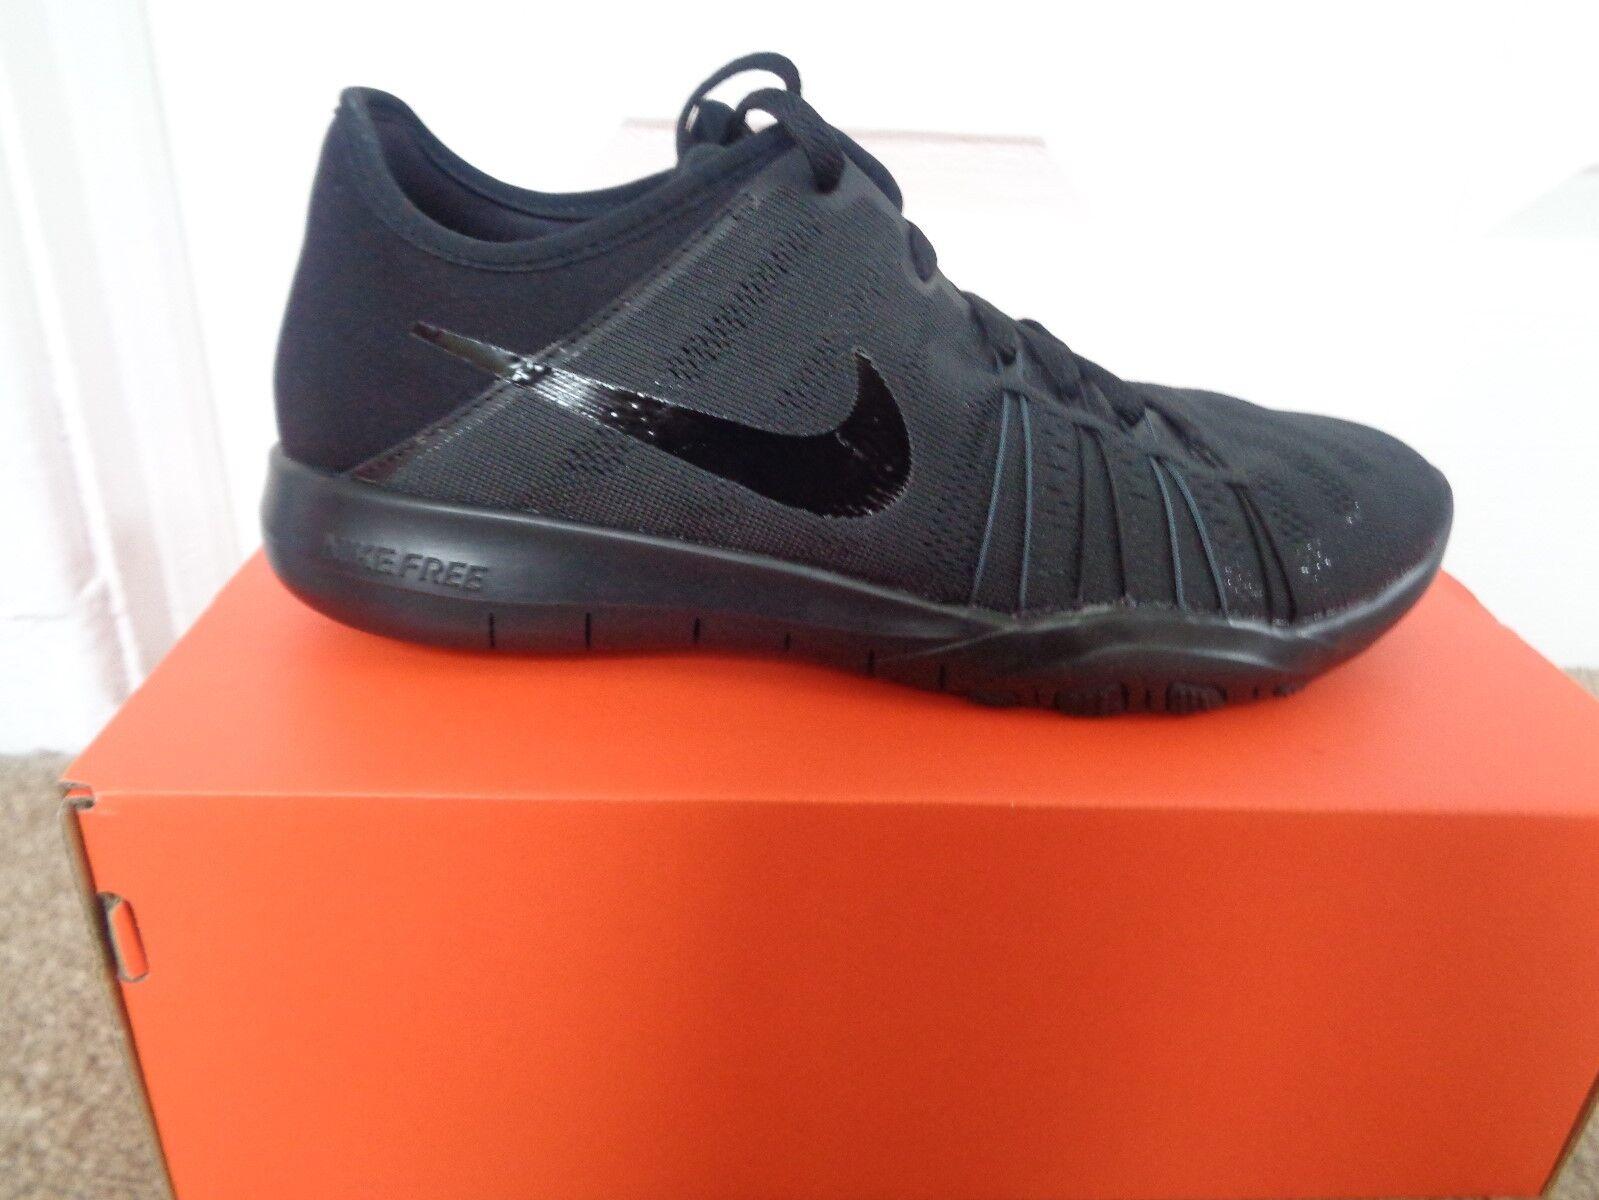 Nike libera 5,0 wmns tr 6 wmns 5,0 formatori scarpe 833413 002 eu 39 noi 8 + box 5a39cb